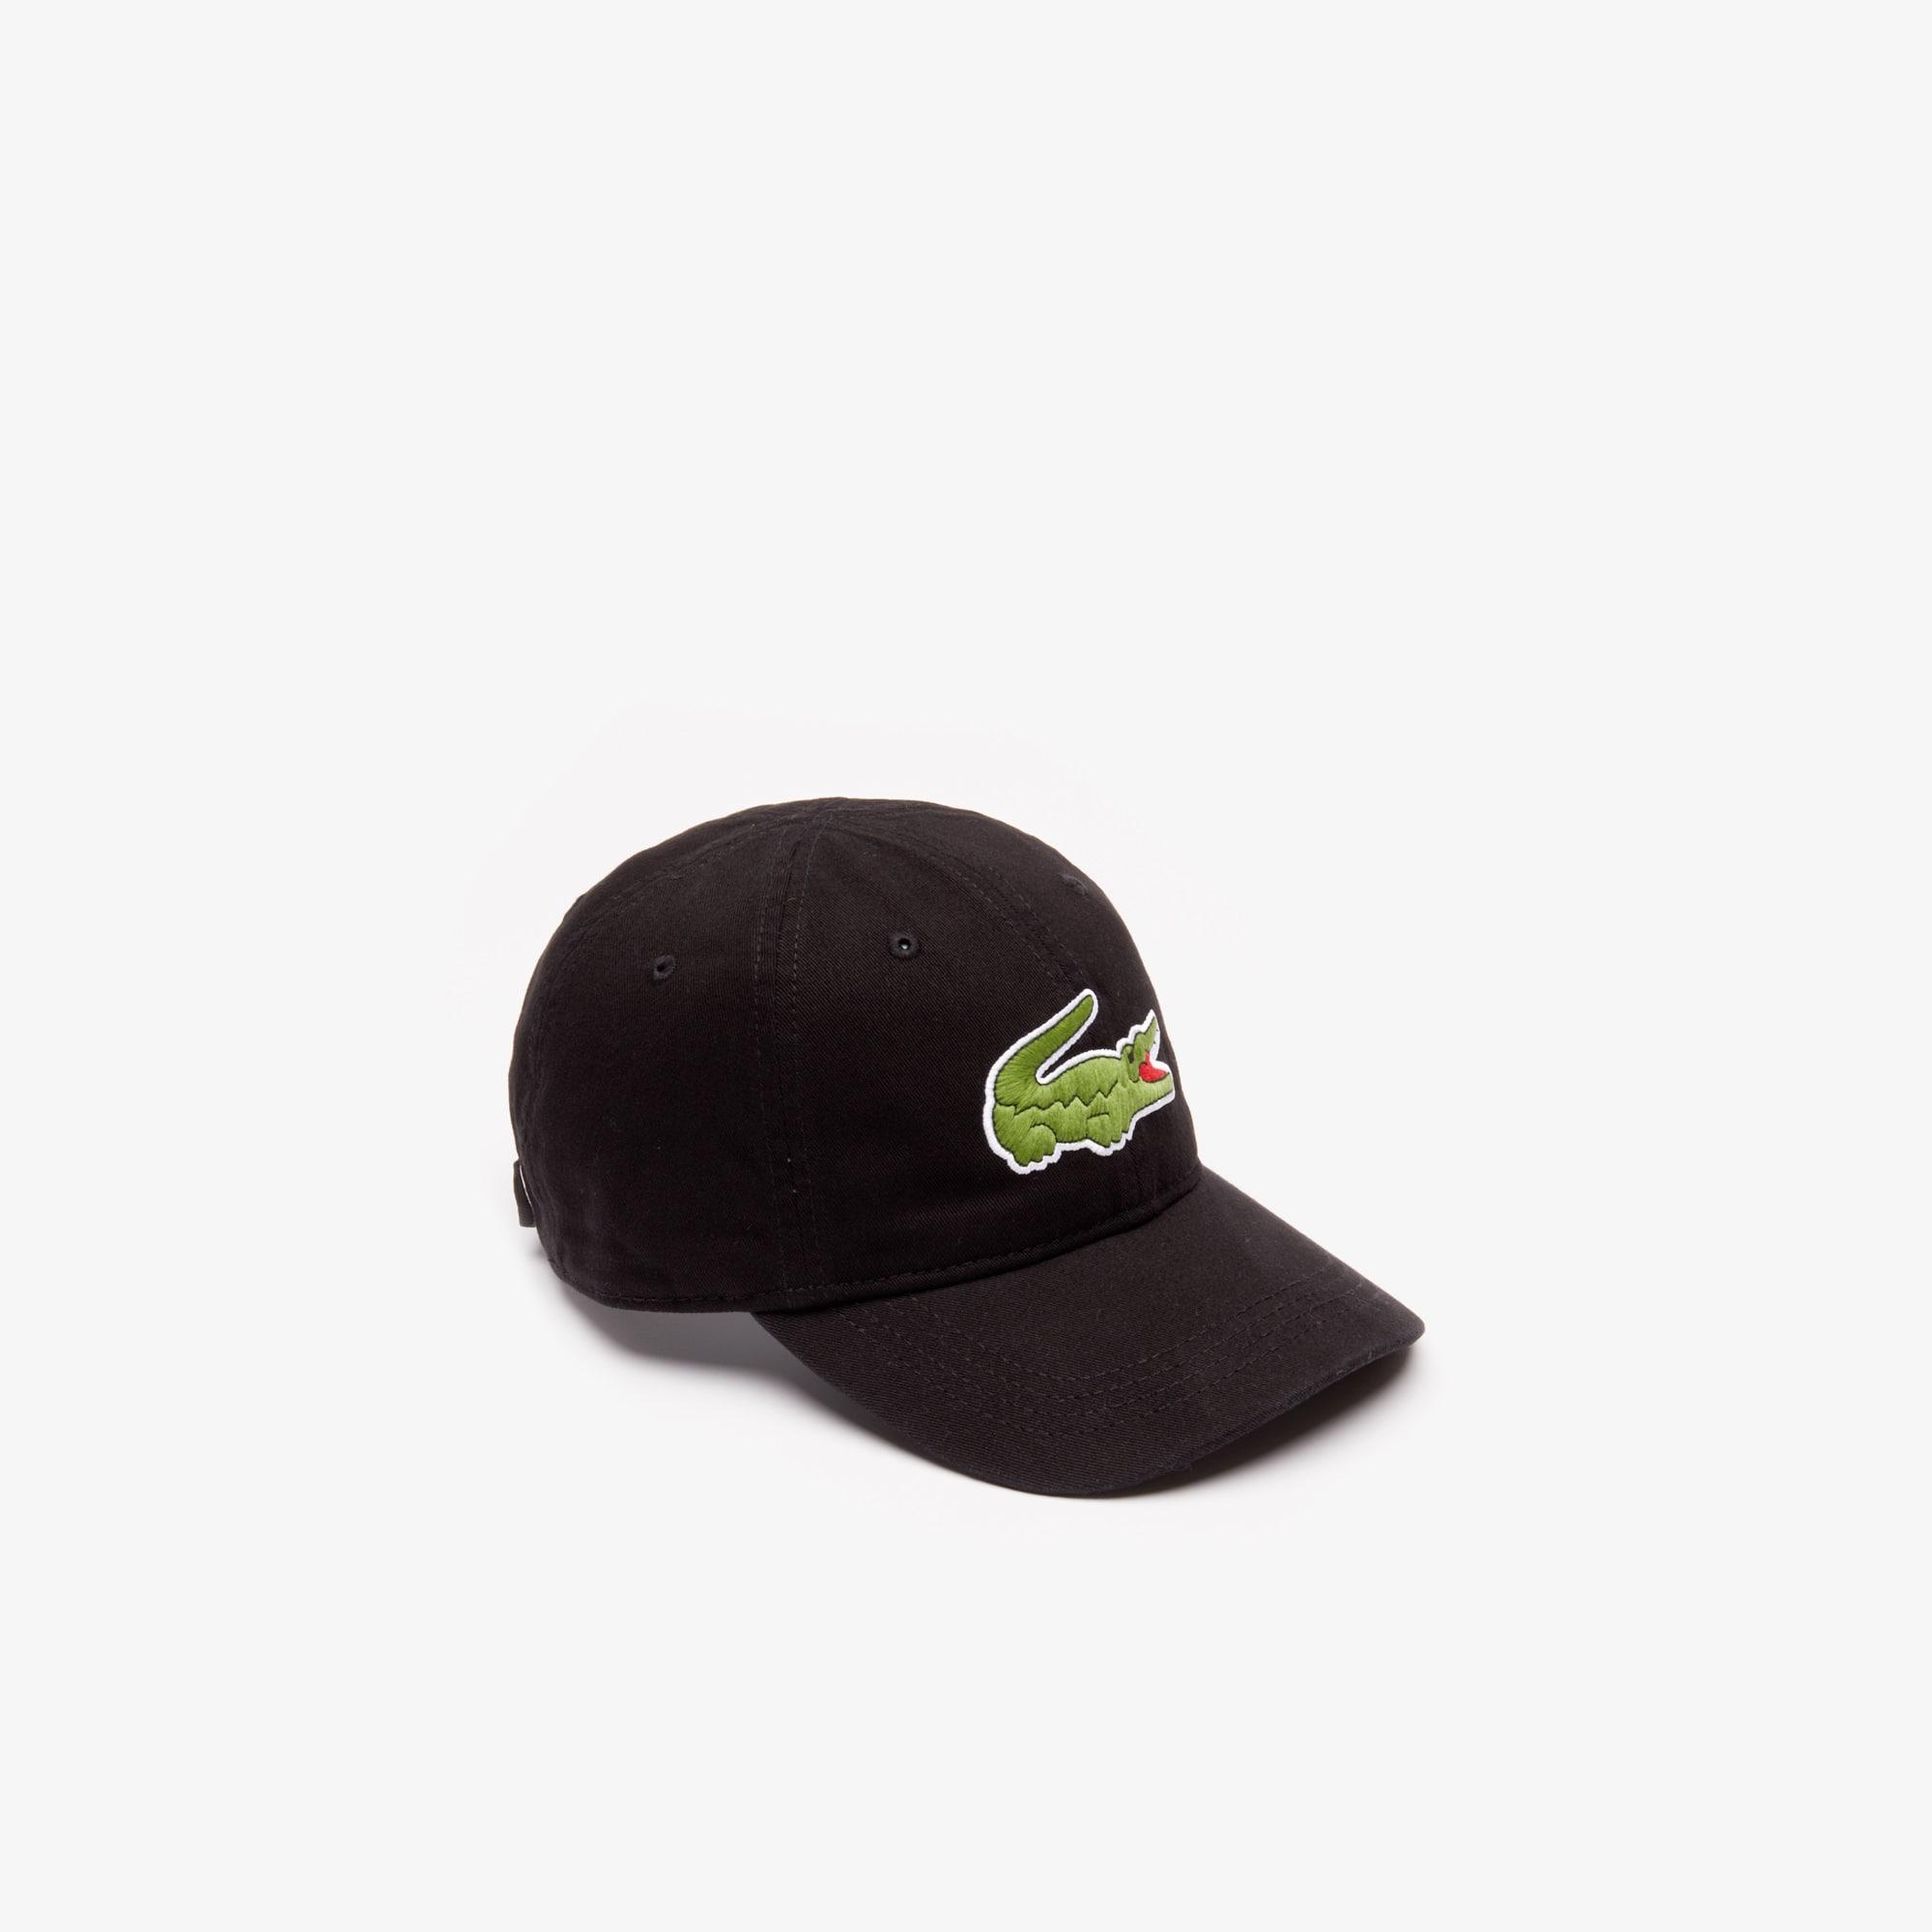 51034a56d9fec Caps   Hats